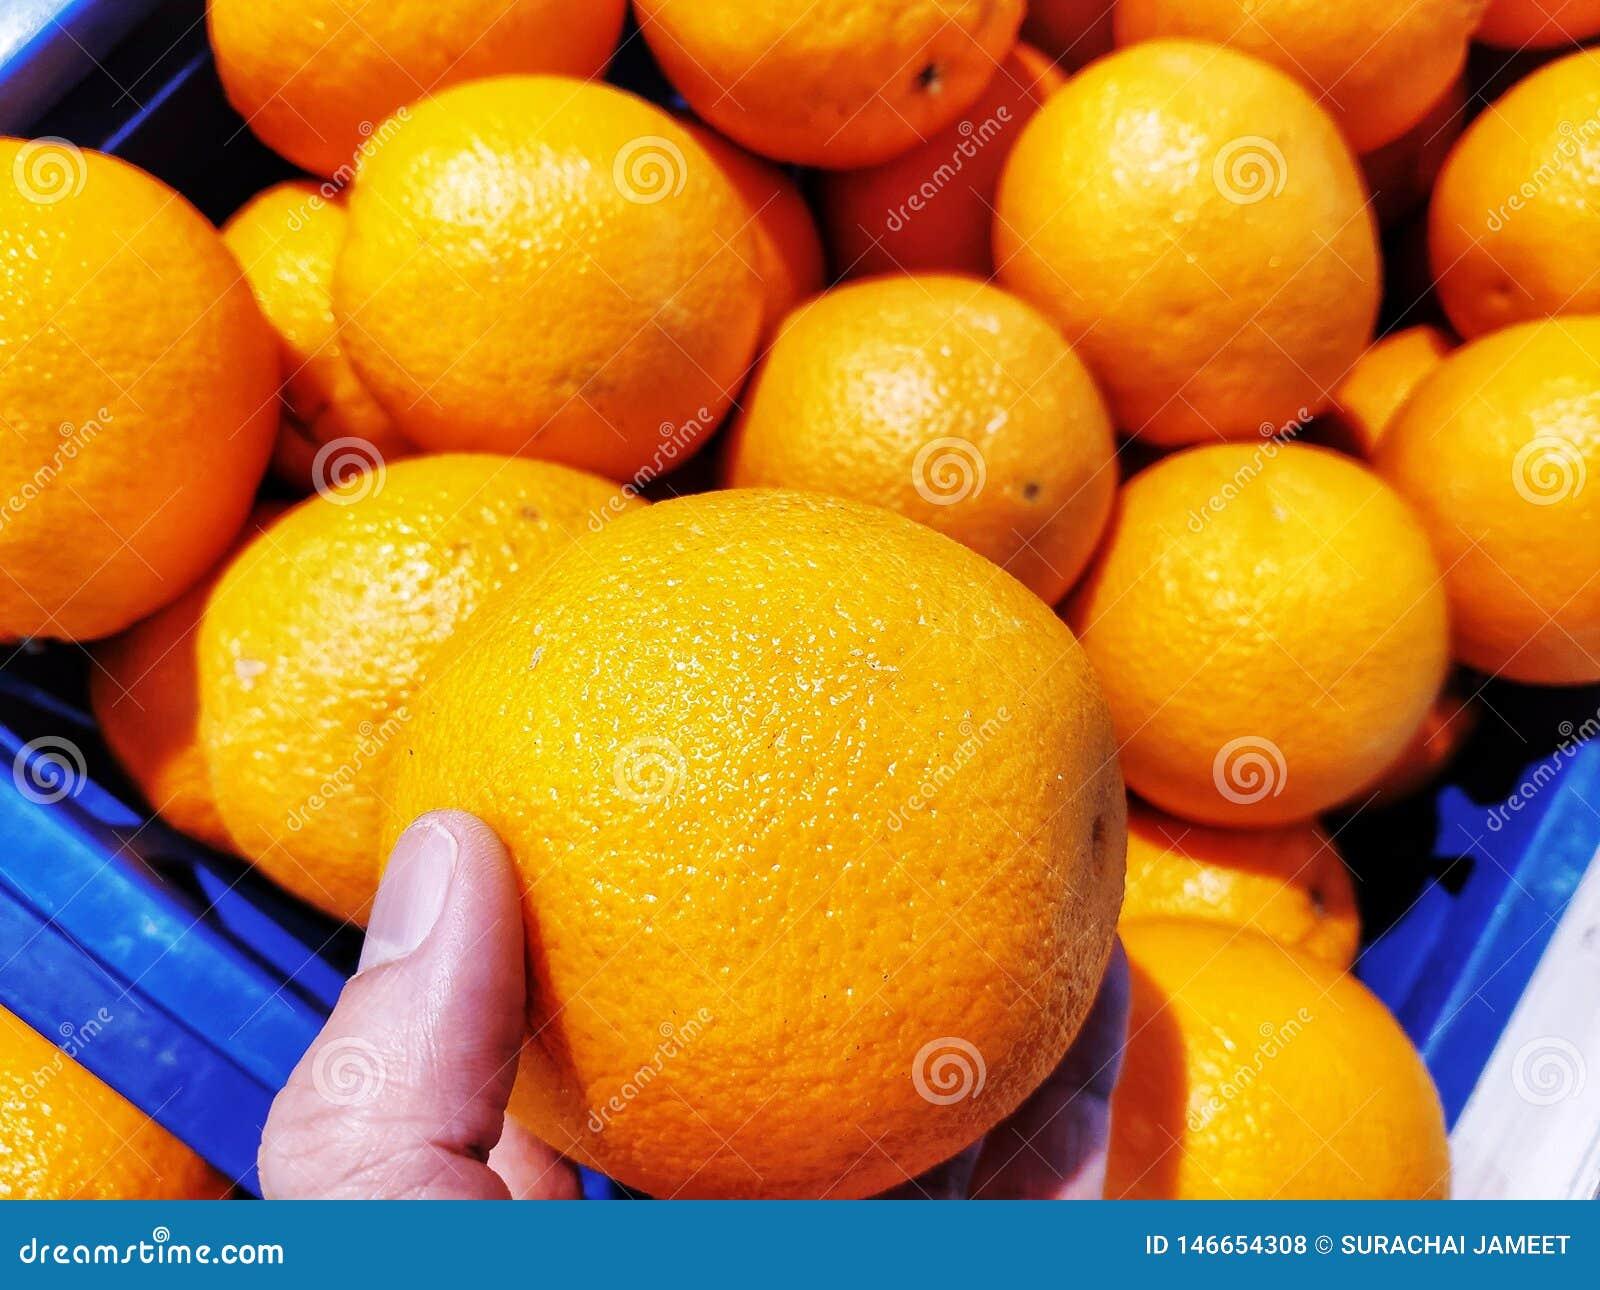 Apelsinen är i en hand Många är mer bak platserna i en blå korg